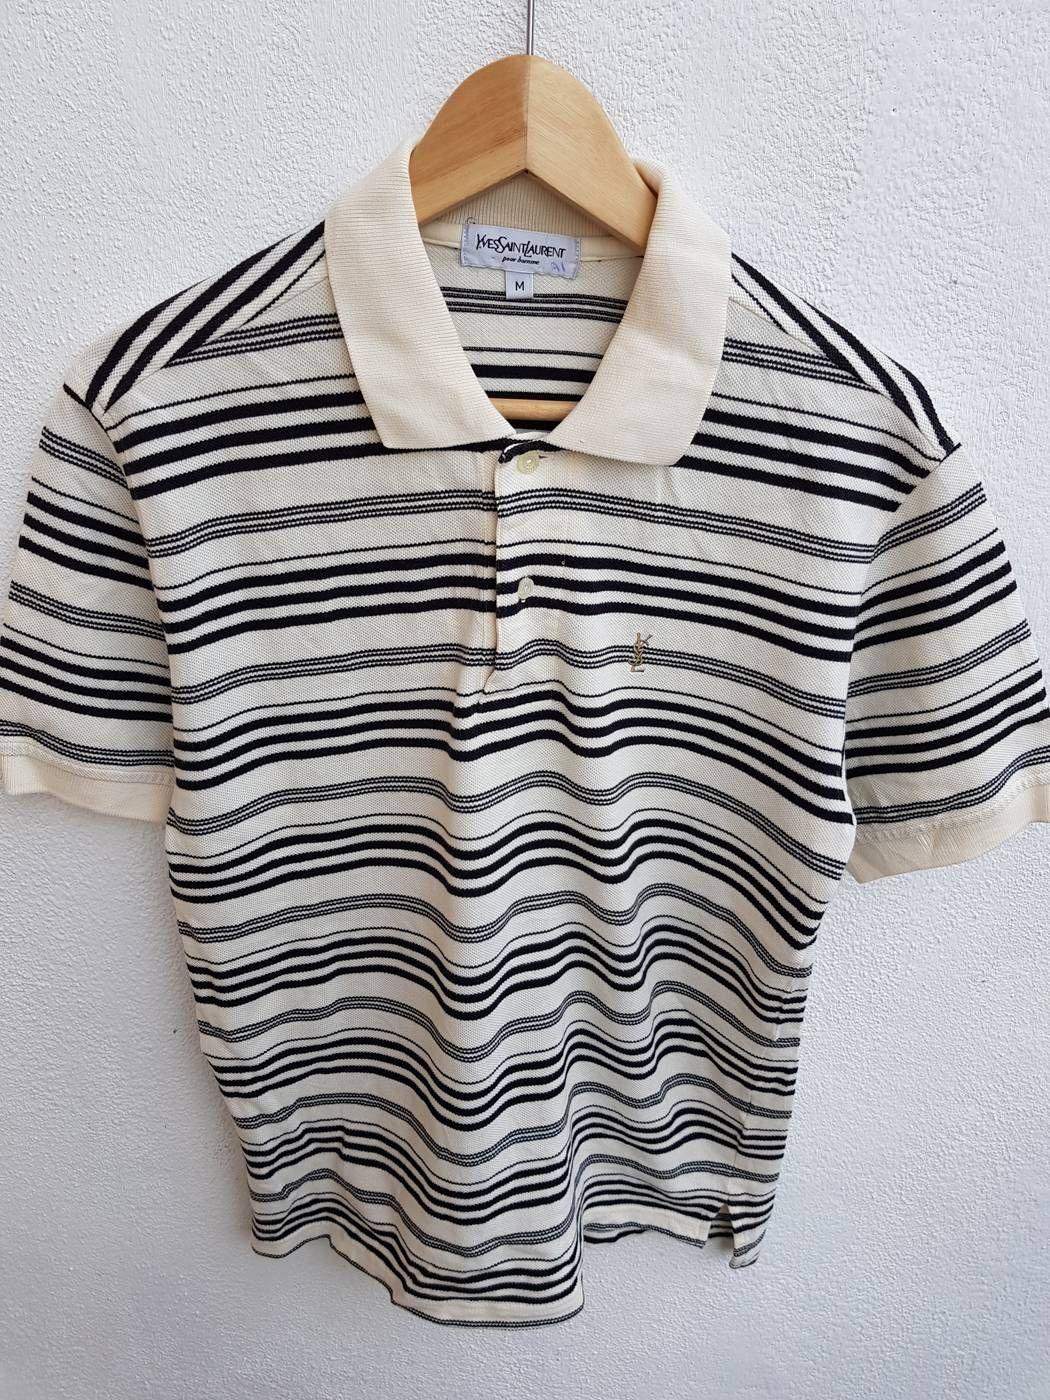 8dfff2d1a06 Ysl Pour Homme Vintage 90s YSL Yves Saint Laurent Pour Homme Stripes  Embroidered Monogram Polos Shirt Size M Size US M   EU 48-50   2 - 2